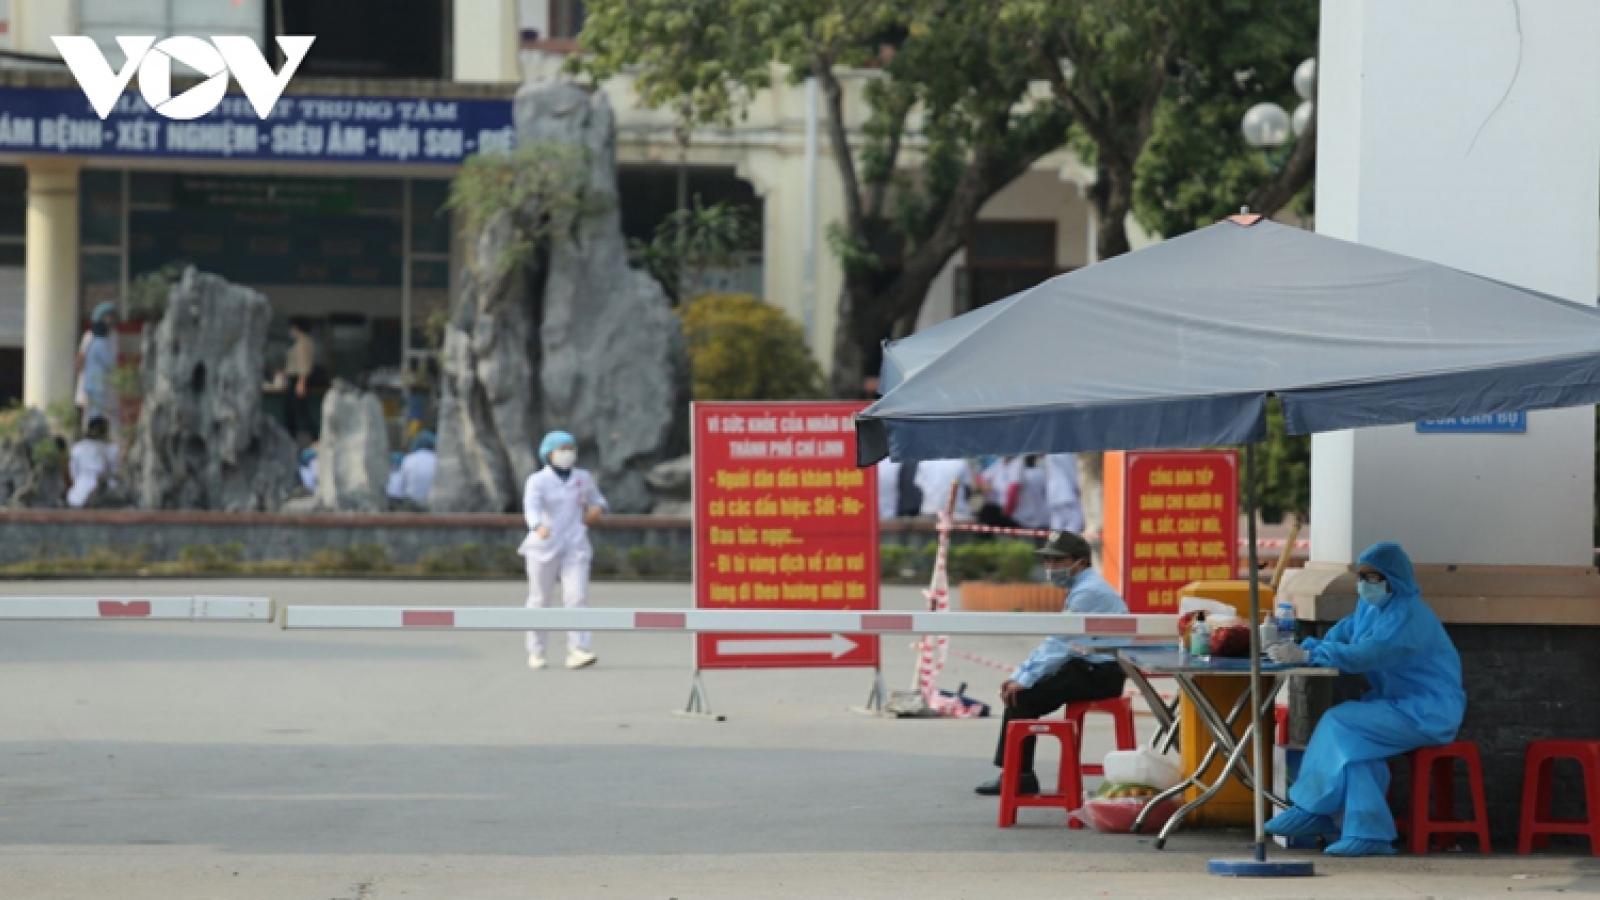 Hai Duong hotspot confirms 16 more COVID-19 cases